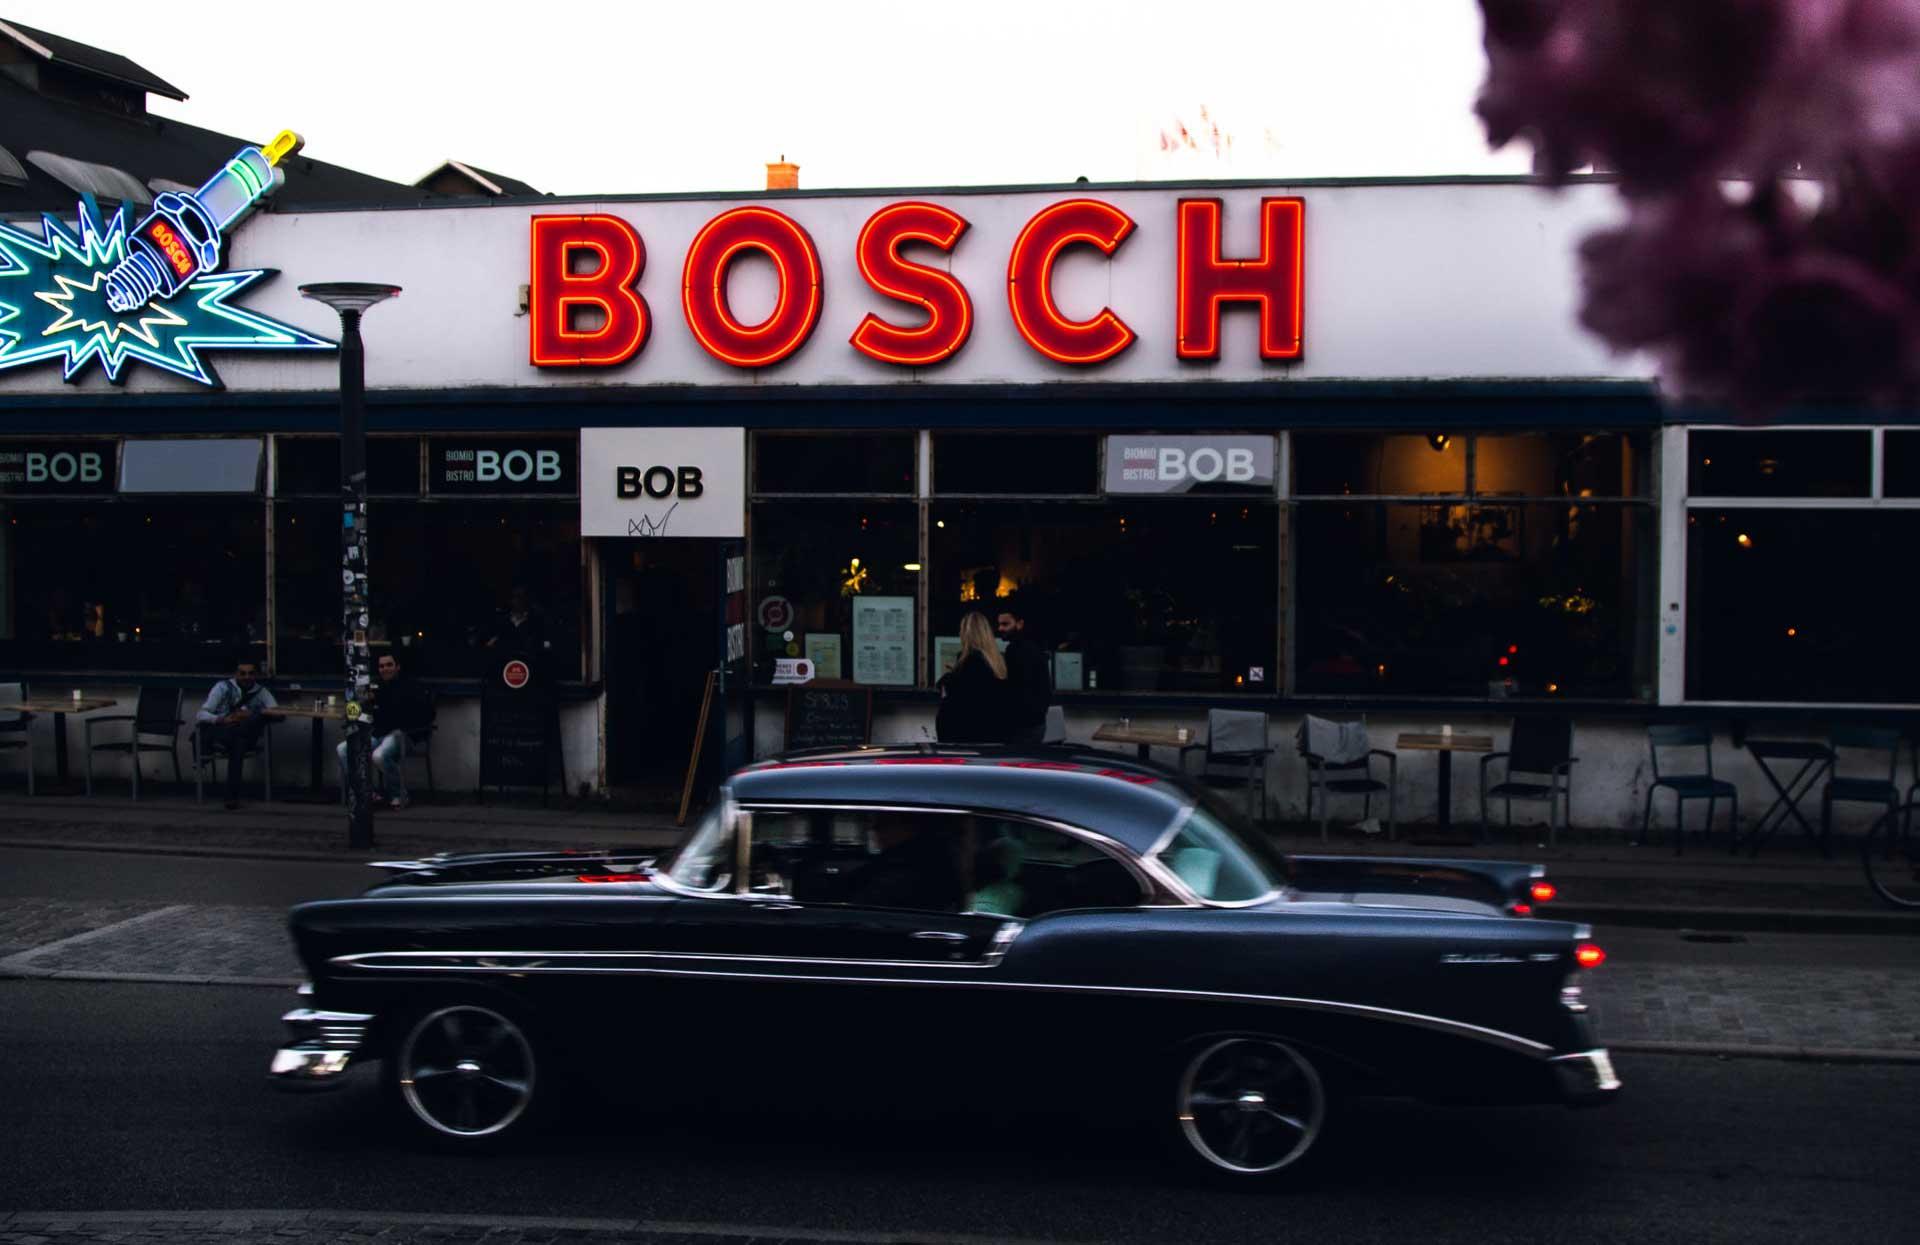 Bosch kündigt die Schließung eines weiteren Werks in Katalonien an und wird seine Produktion nach Polen verlegen